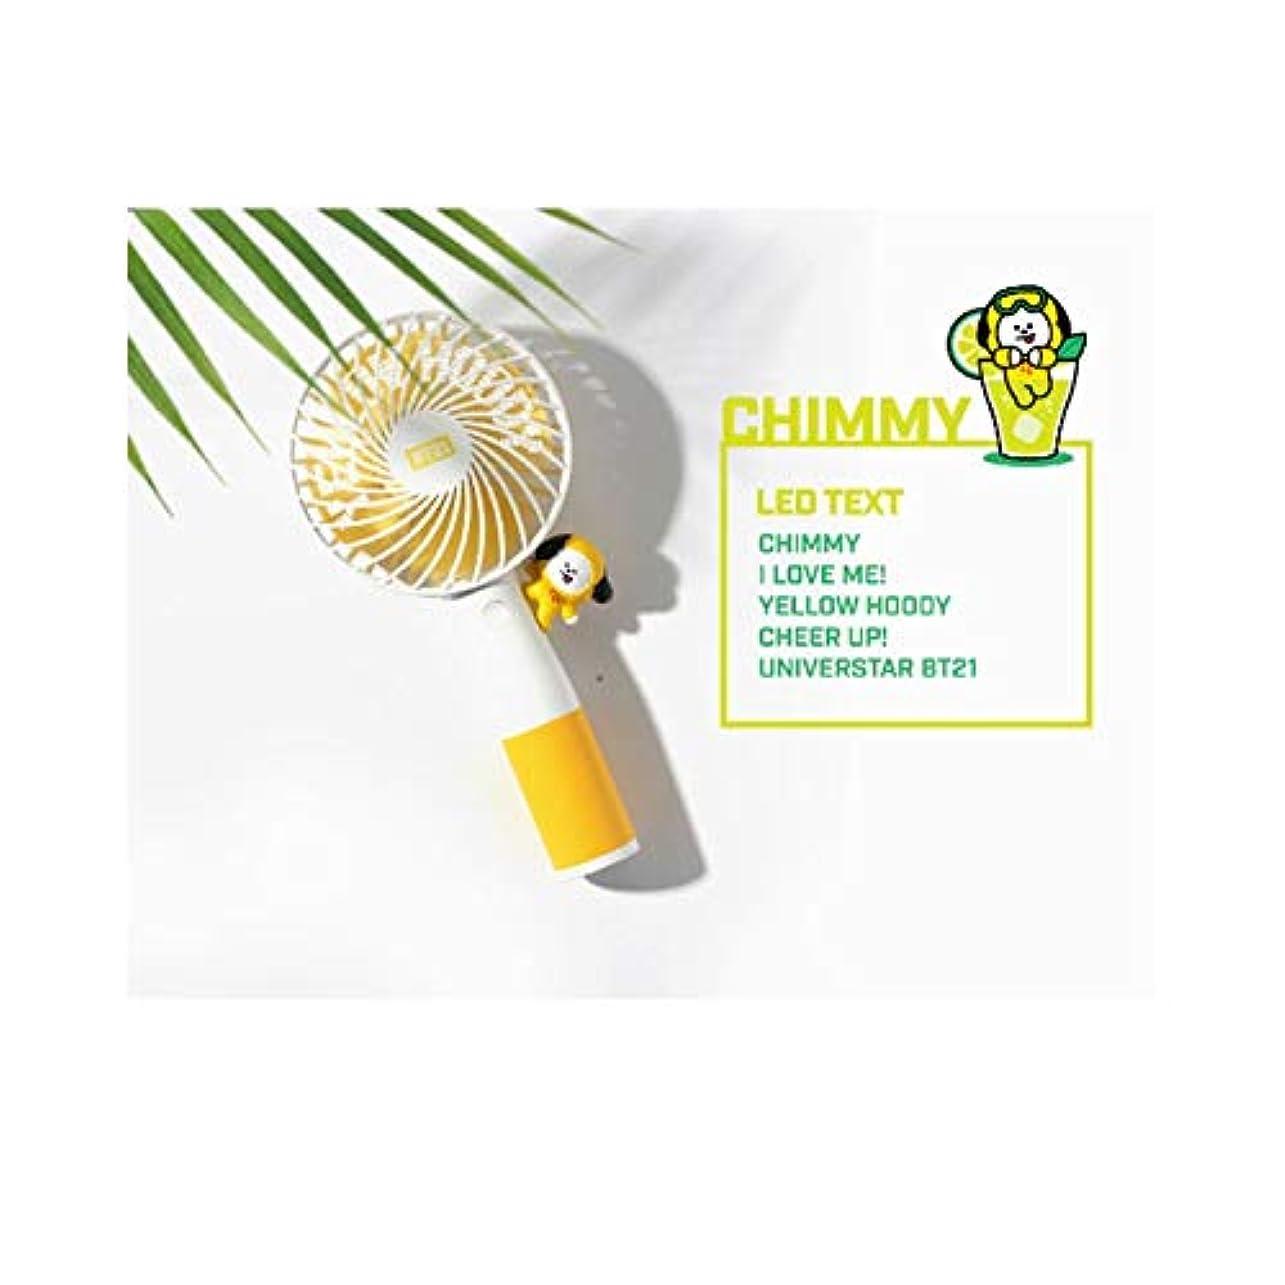 枕事務所うつ公式★BT21ハンディLED扇風機 携帯扇風機 2019 HANDYFAN7種 BTSグッズ 韓国語 (CHIMMY)